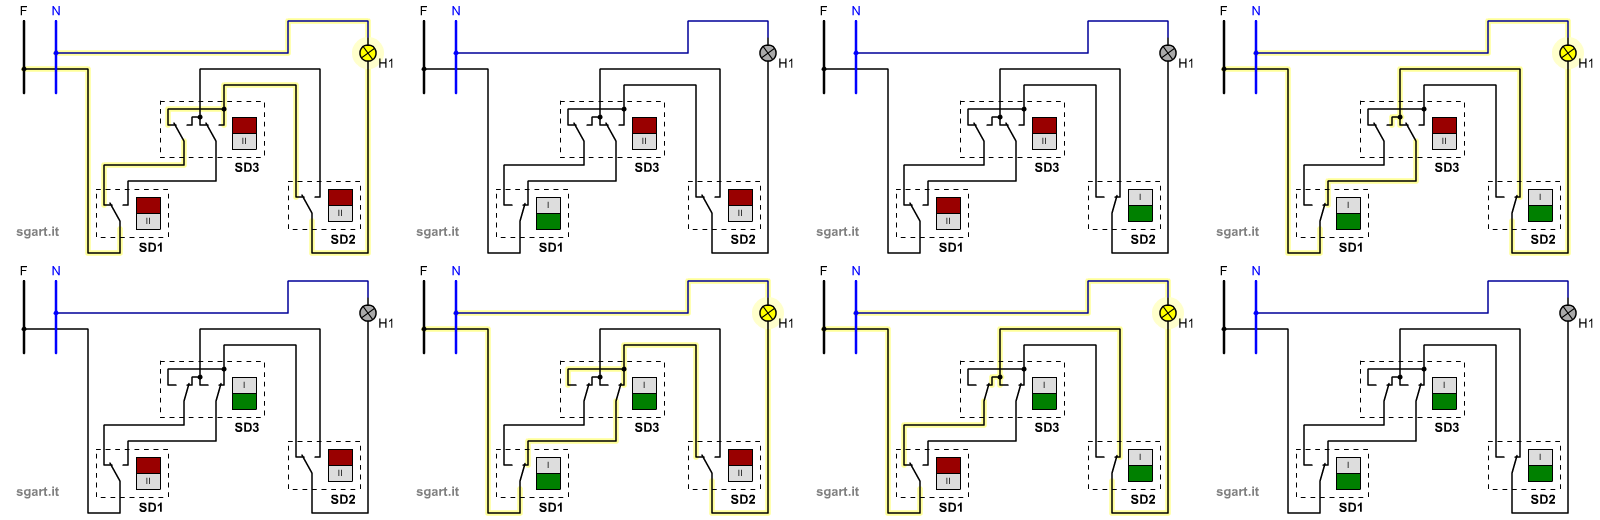 Schema Elettrico Per 4 Punti Luce : Simulazione circuiti elettrici civili accensione da più